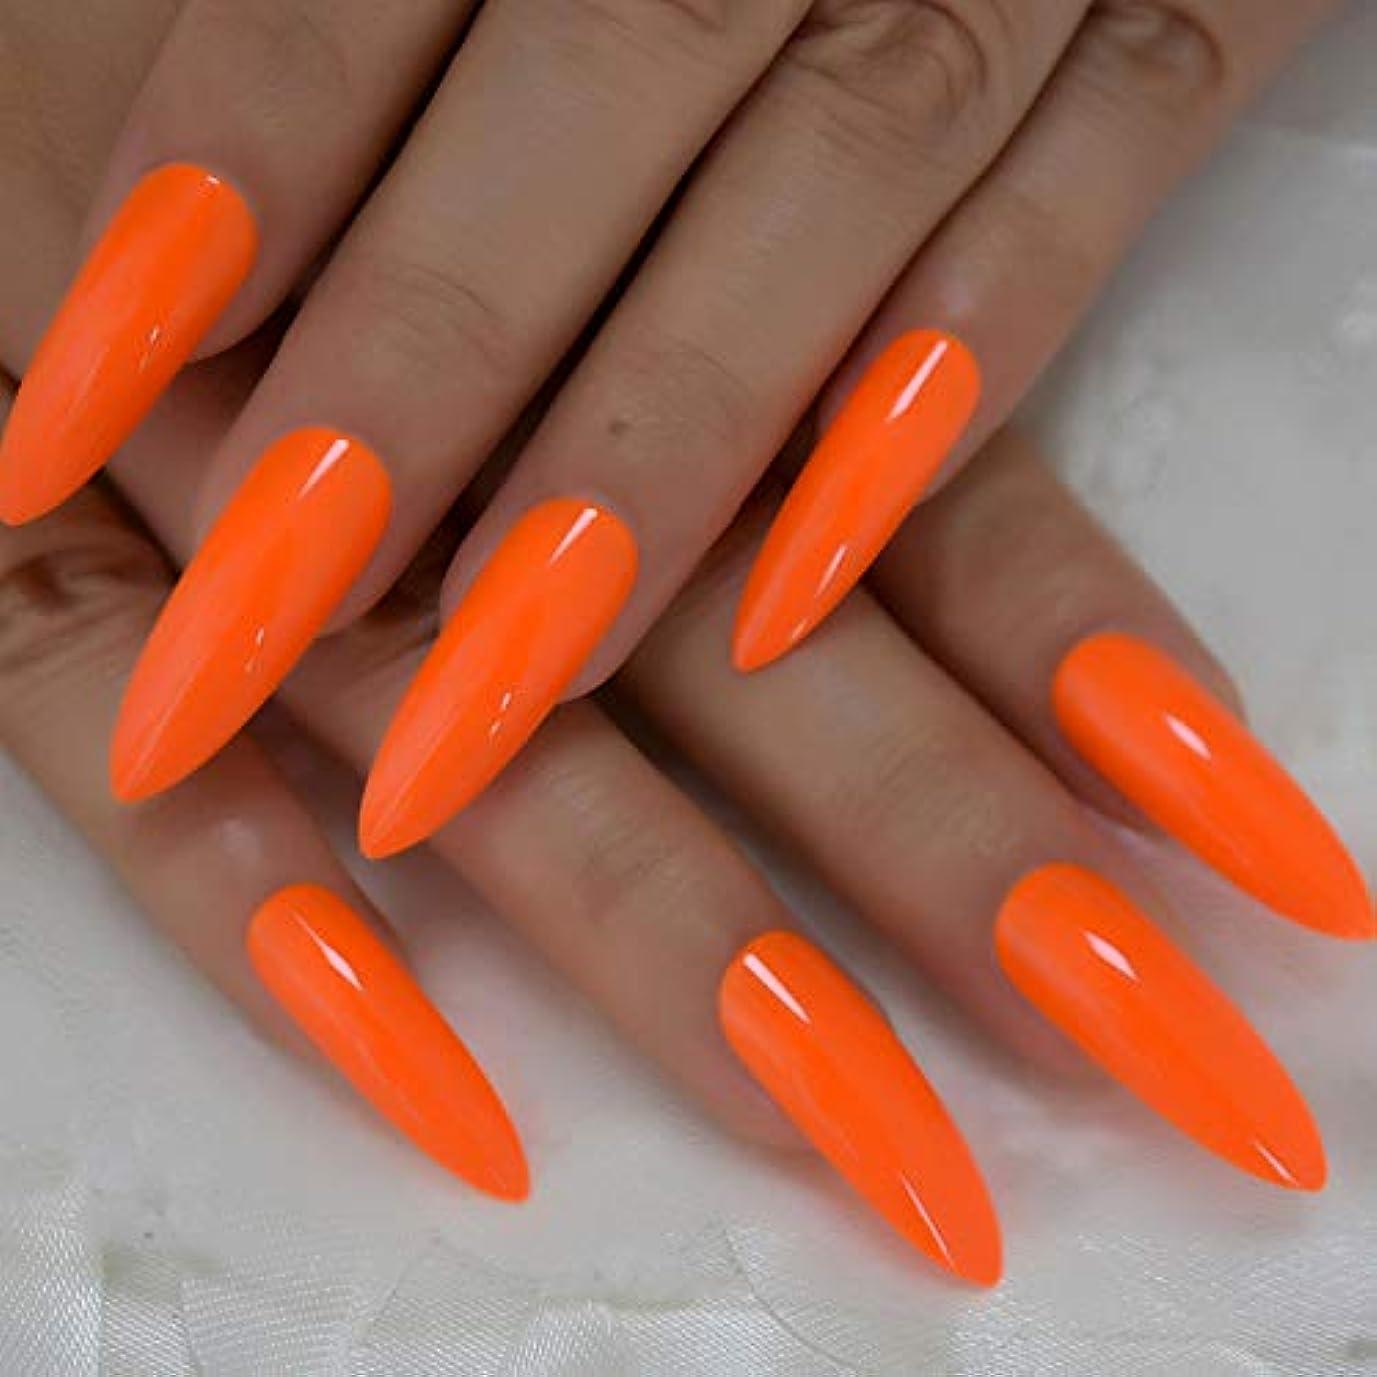 活気づくパイント冒険XUTXZKA 偽の爪爪のデコレーションマニキュアのヒントの非常に長いオレンジ色の光沢のあるプレス爪24